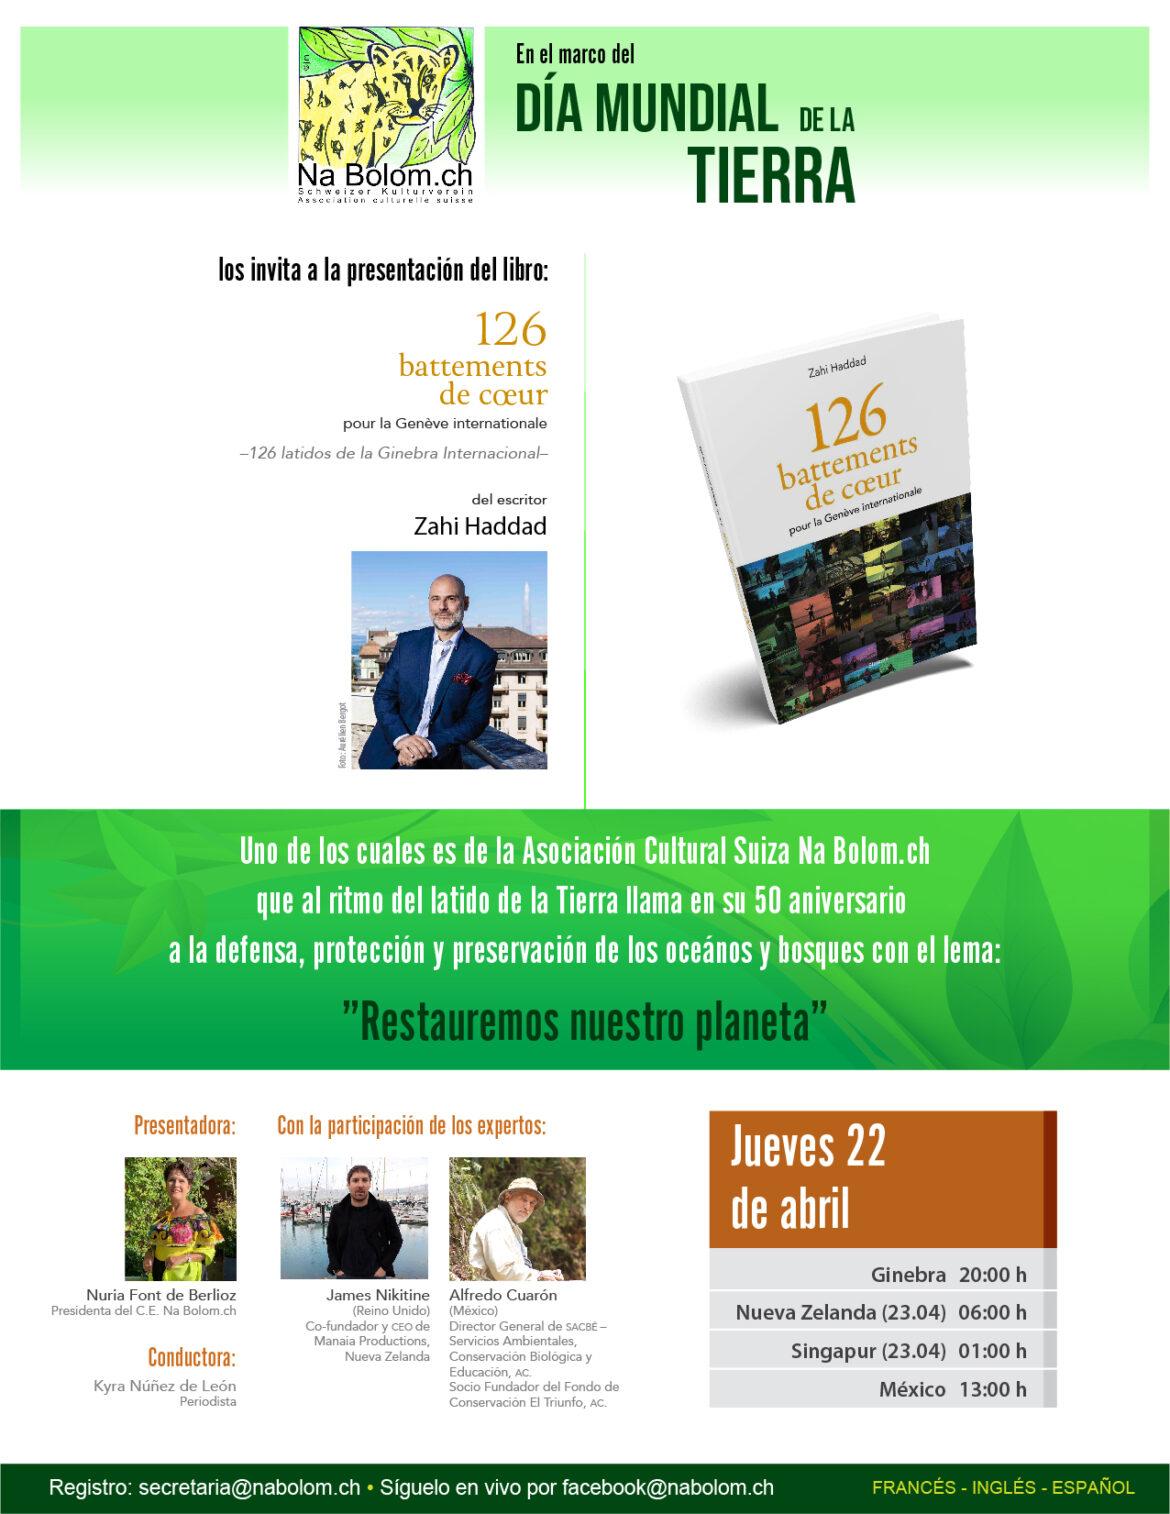 PresentacionLibro-01_ES